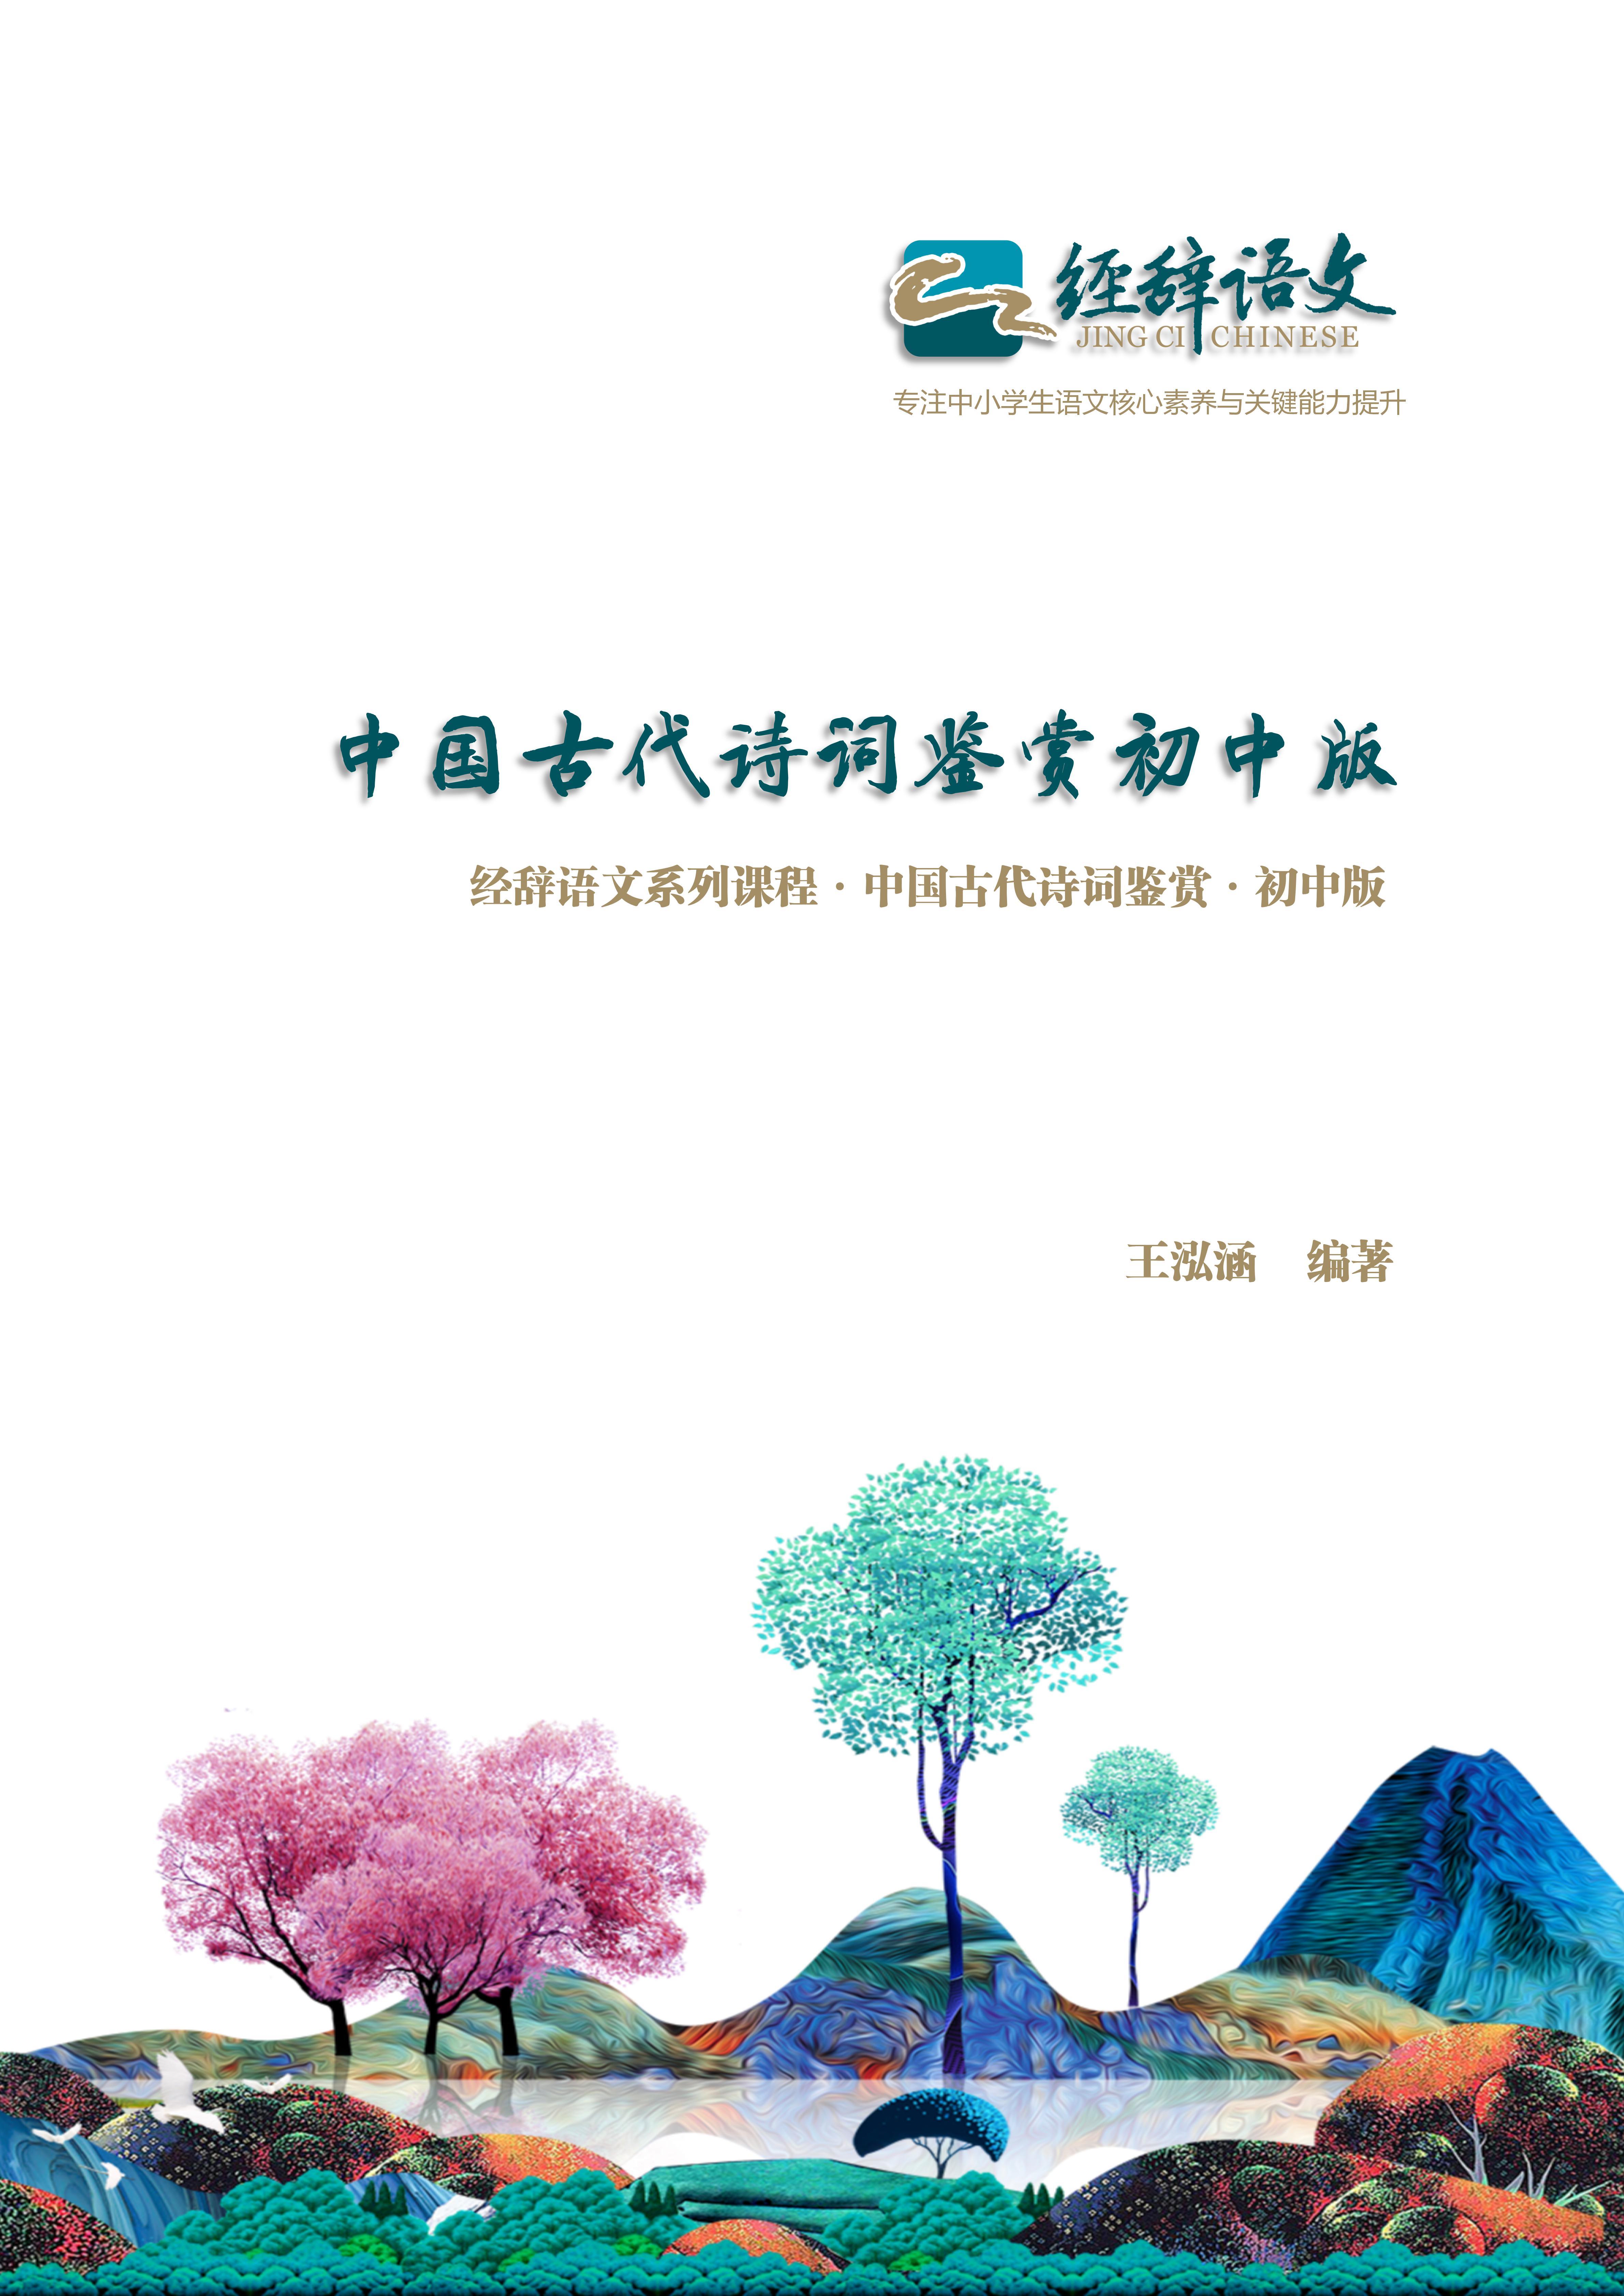 中国古代诗词鉴赏初中版